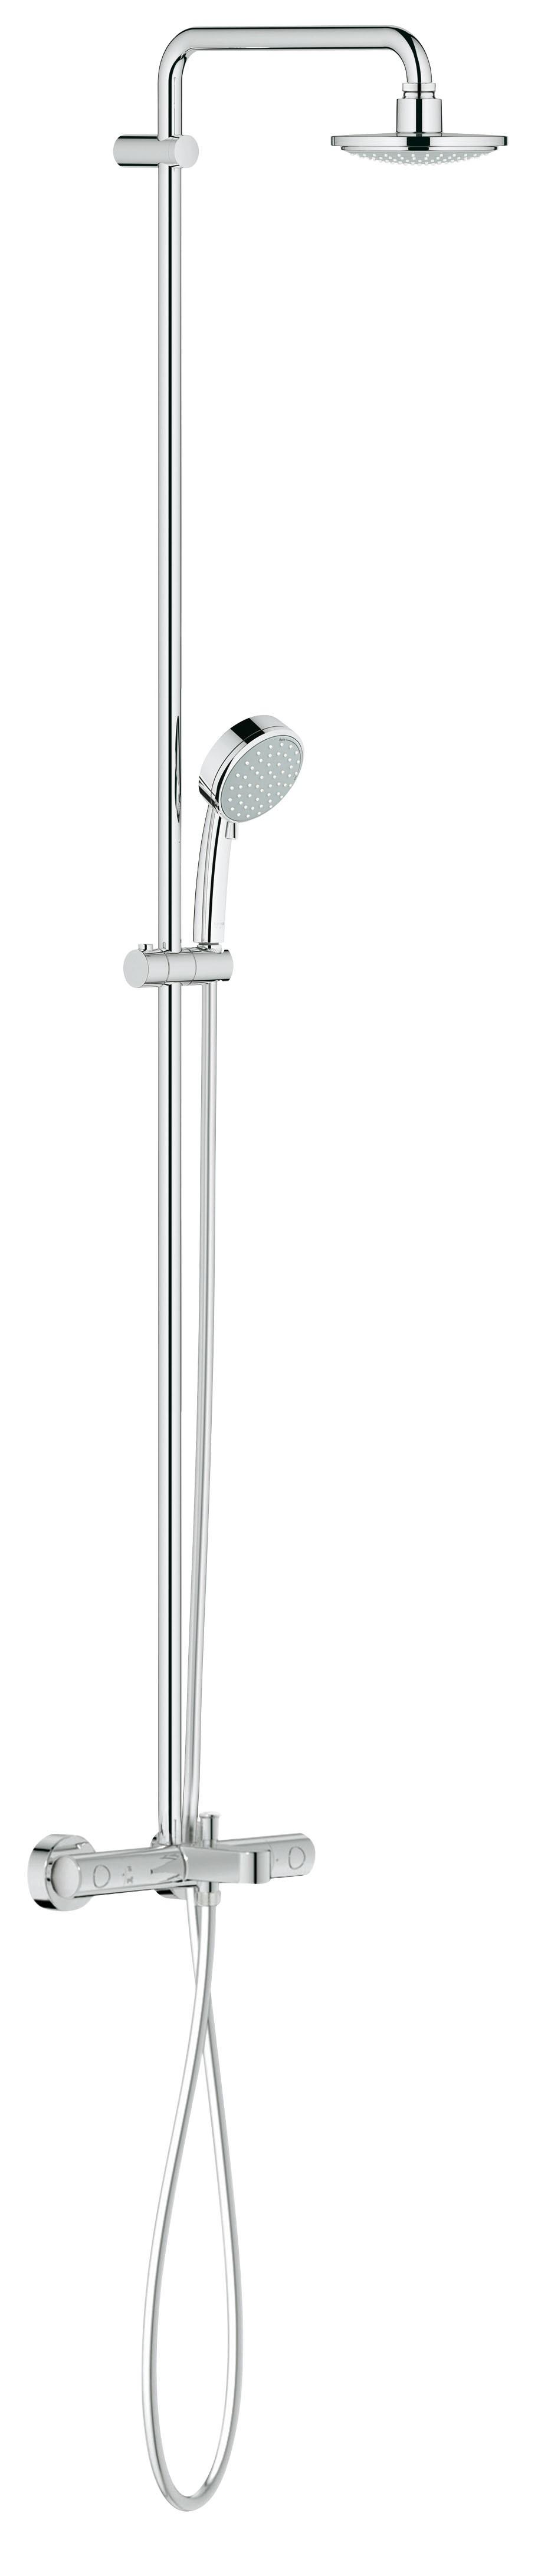 Душевая система Grohe 26223000 Tempesta Cosmopolitan 160 с верхним и ручным душем, хром